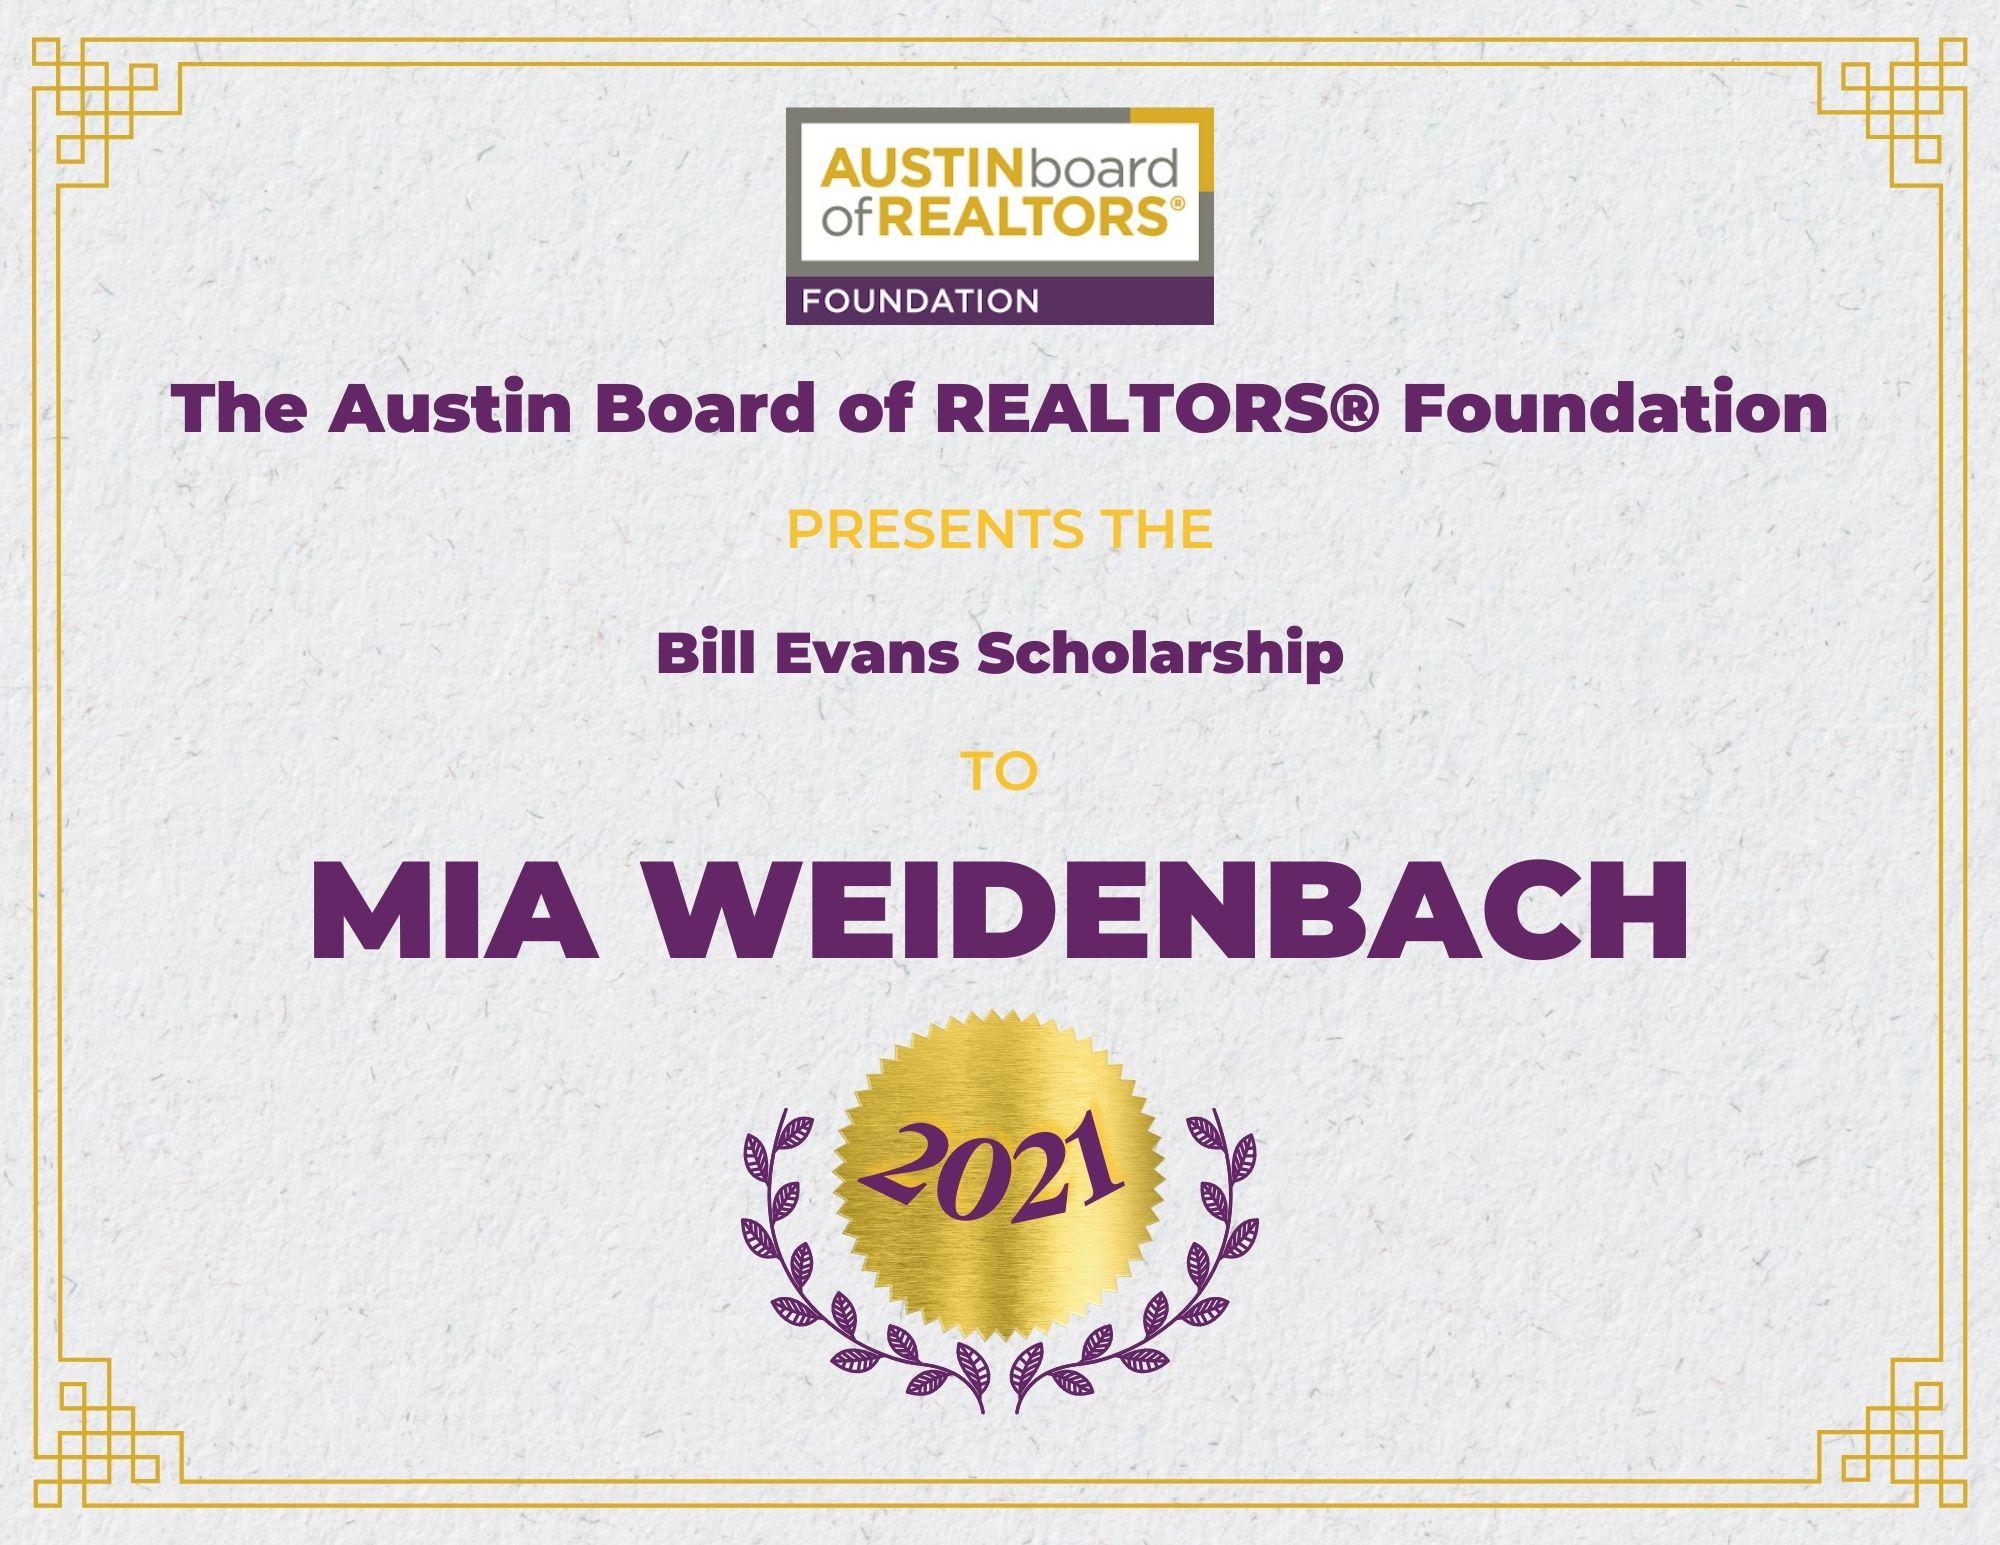 2021 Fou Scholarship Certificate Miaweidenbach